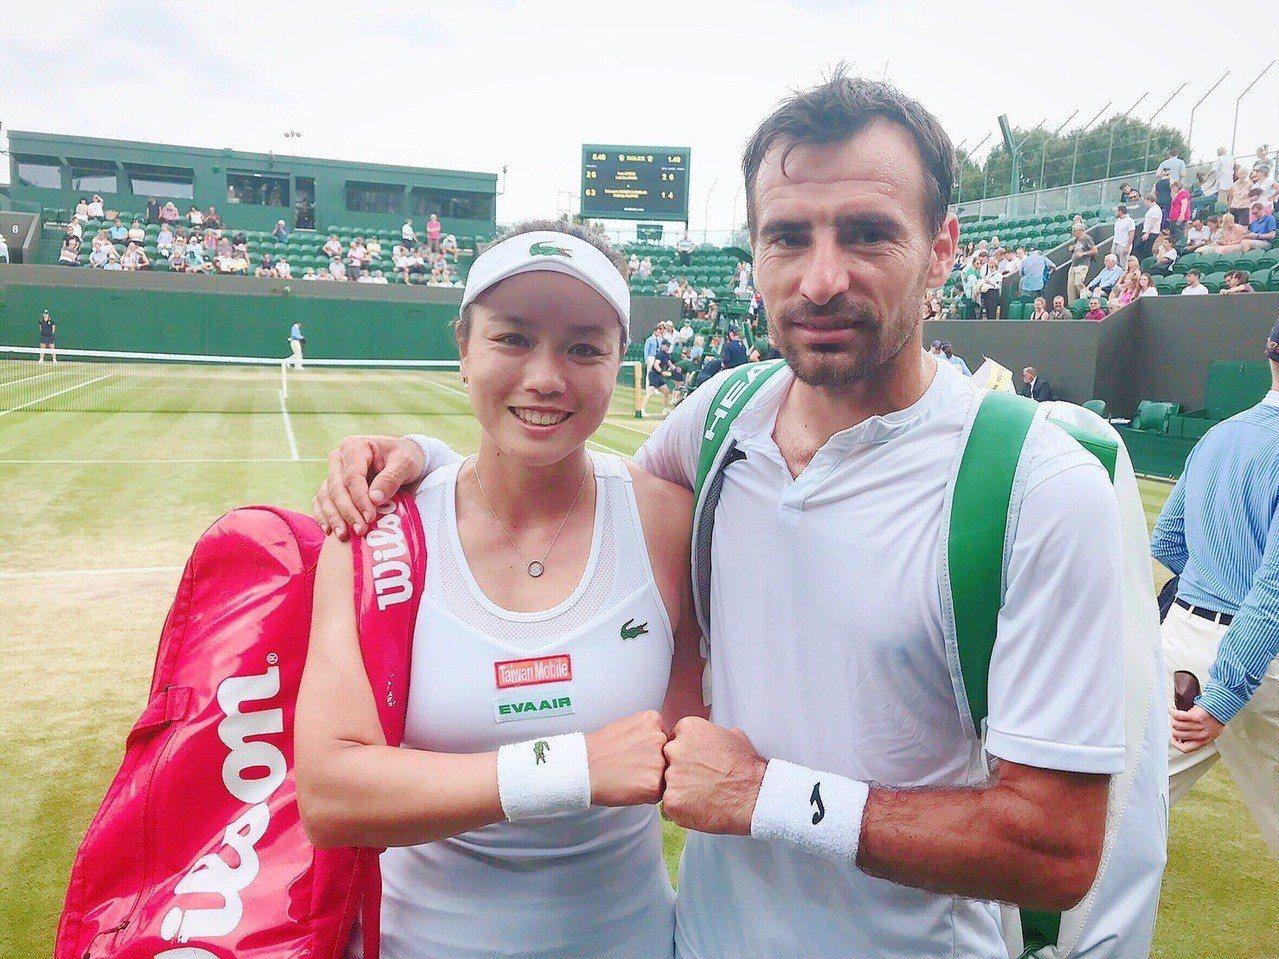 詹詠然(左)與搭擋多帝吉。圖/劉雪貞提供